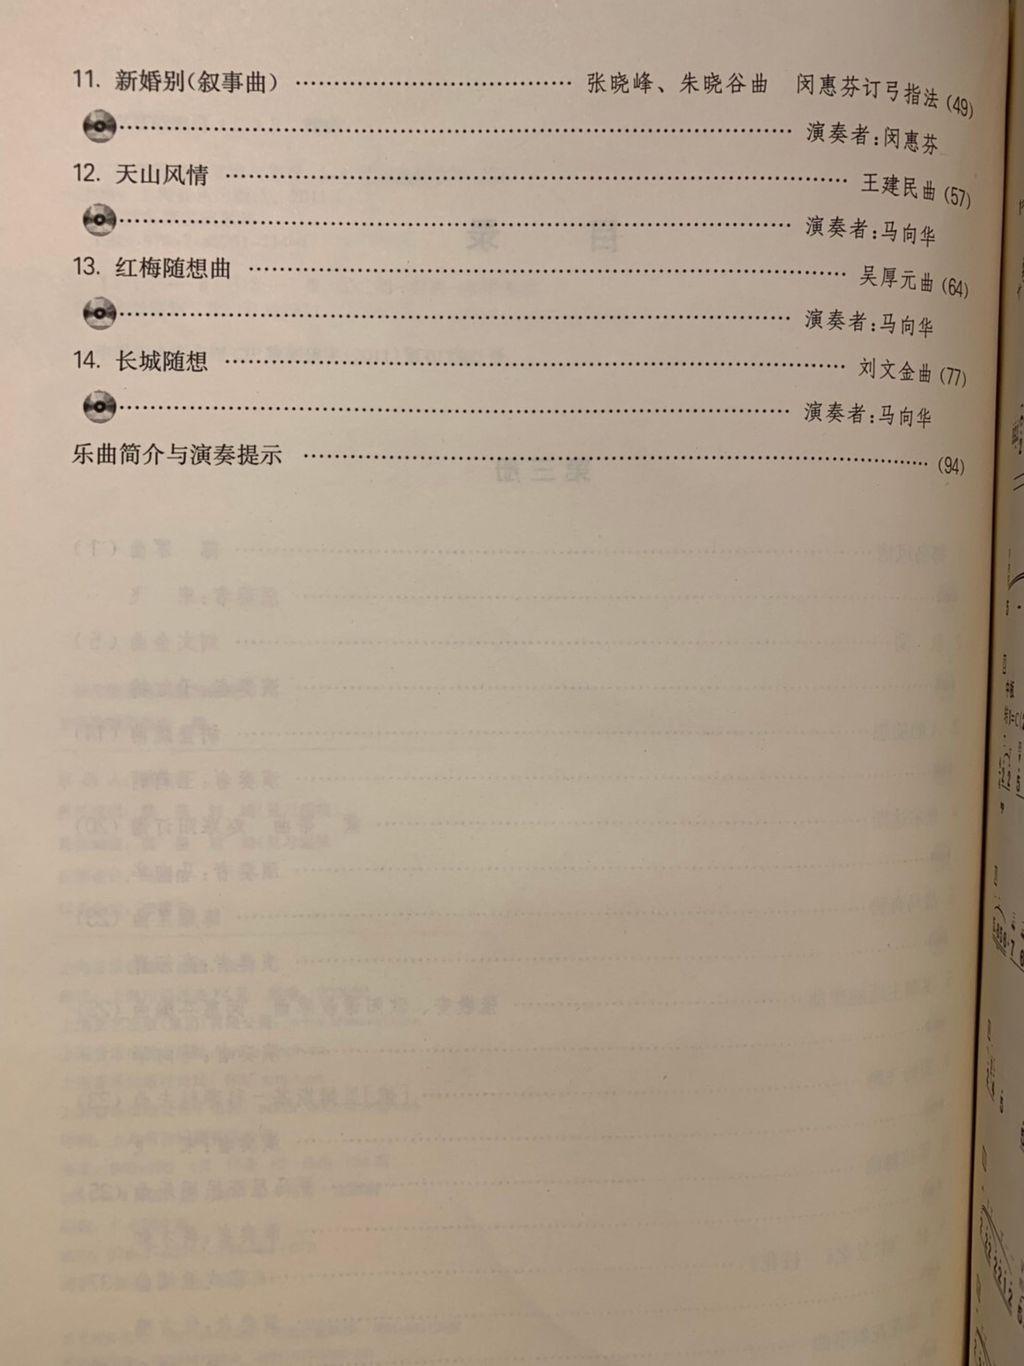 9F177F52-7640-4EAE-91B1-6E8CFF972052.jpeg